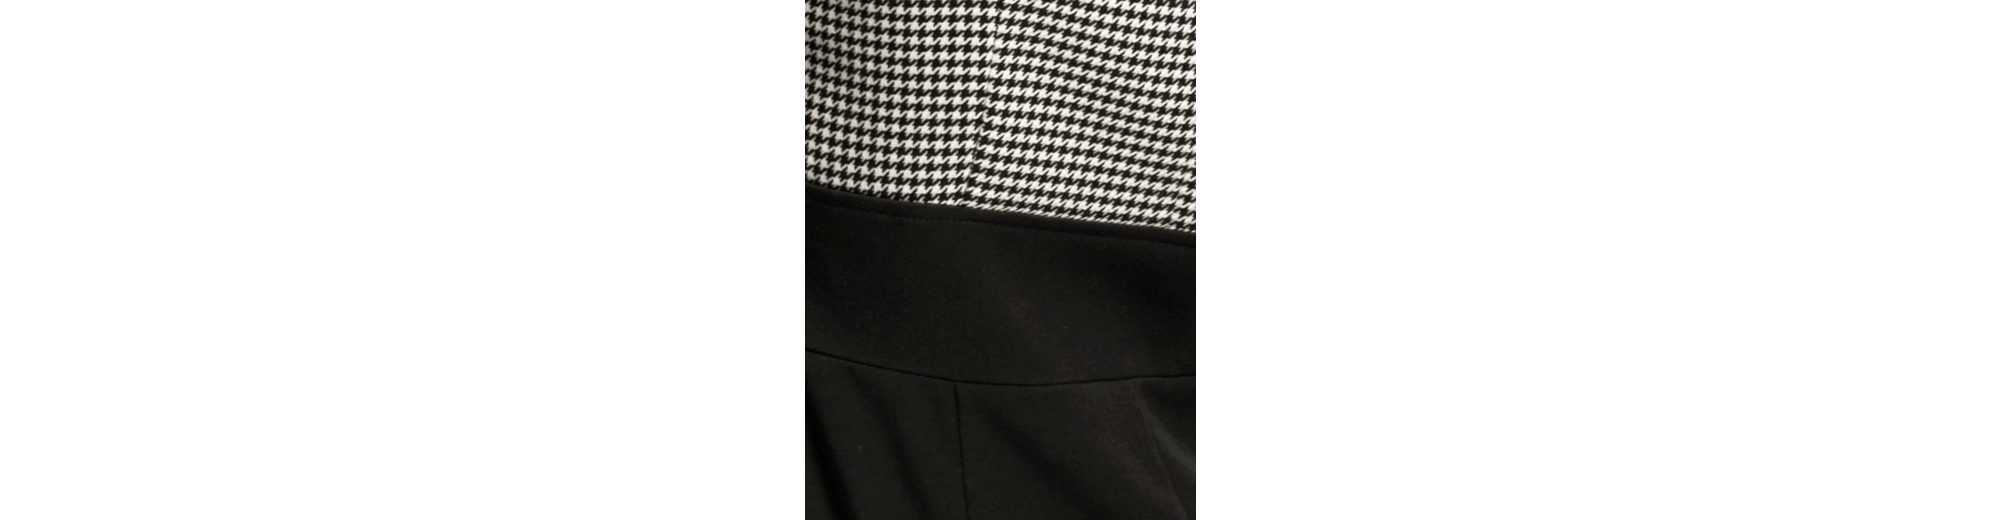 Manchester Großer Verkauf Zum Verkauf ASHLEY BROOKE by Heine Bodyform-Etuikleid mit Pepita-Dessin Die Günstigste Günstig Online Günstige Top-Qualität Online Zum Verkauf dfVtX